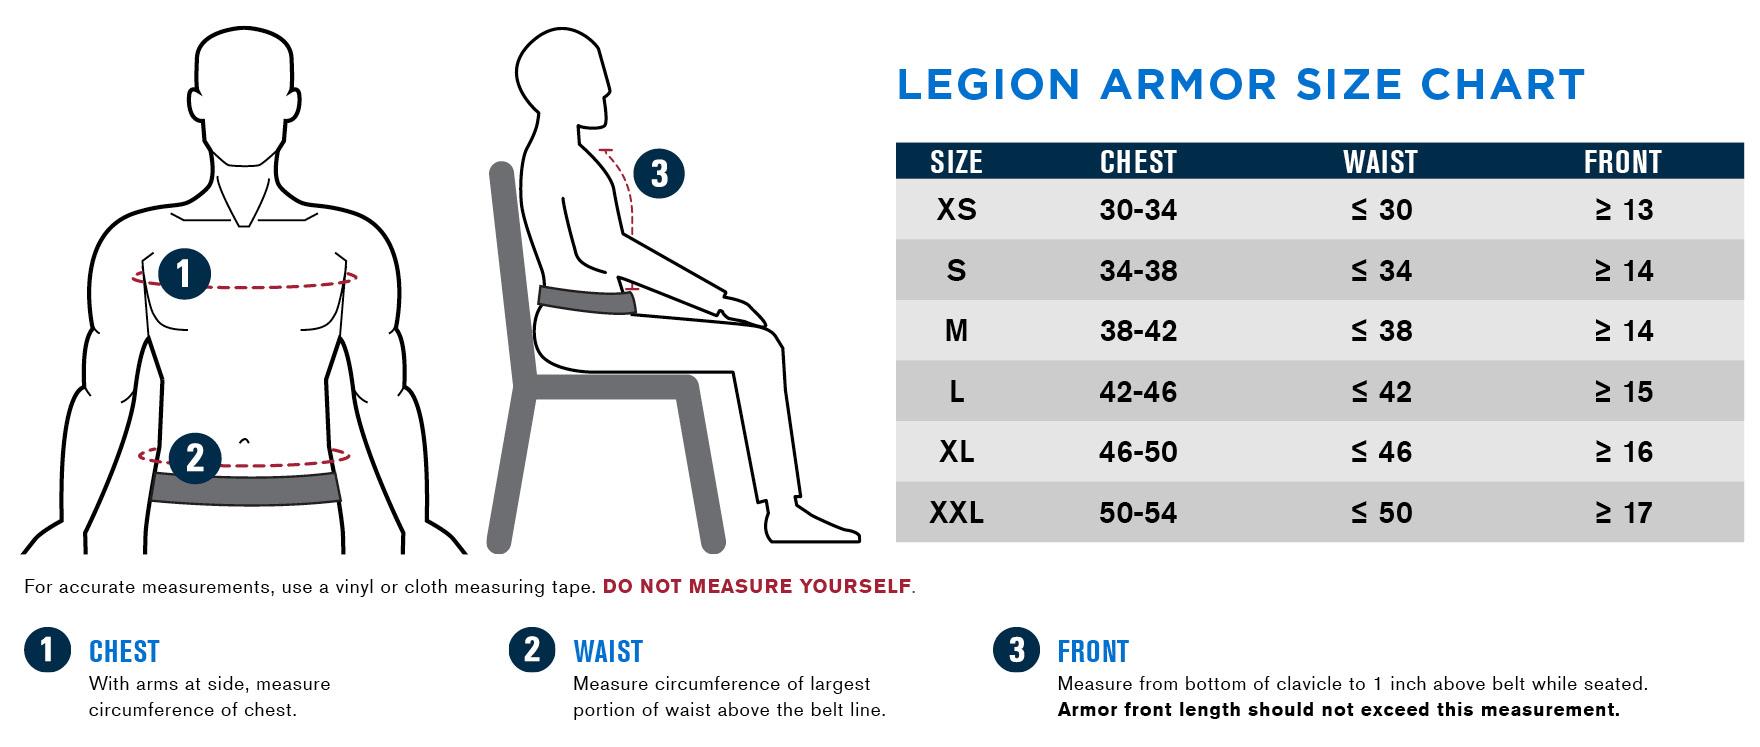 18-armor-size-tables-legion.jpg